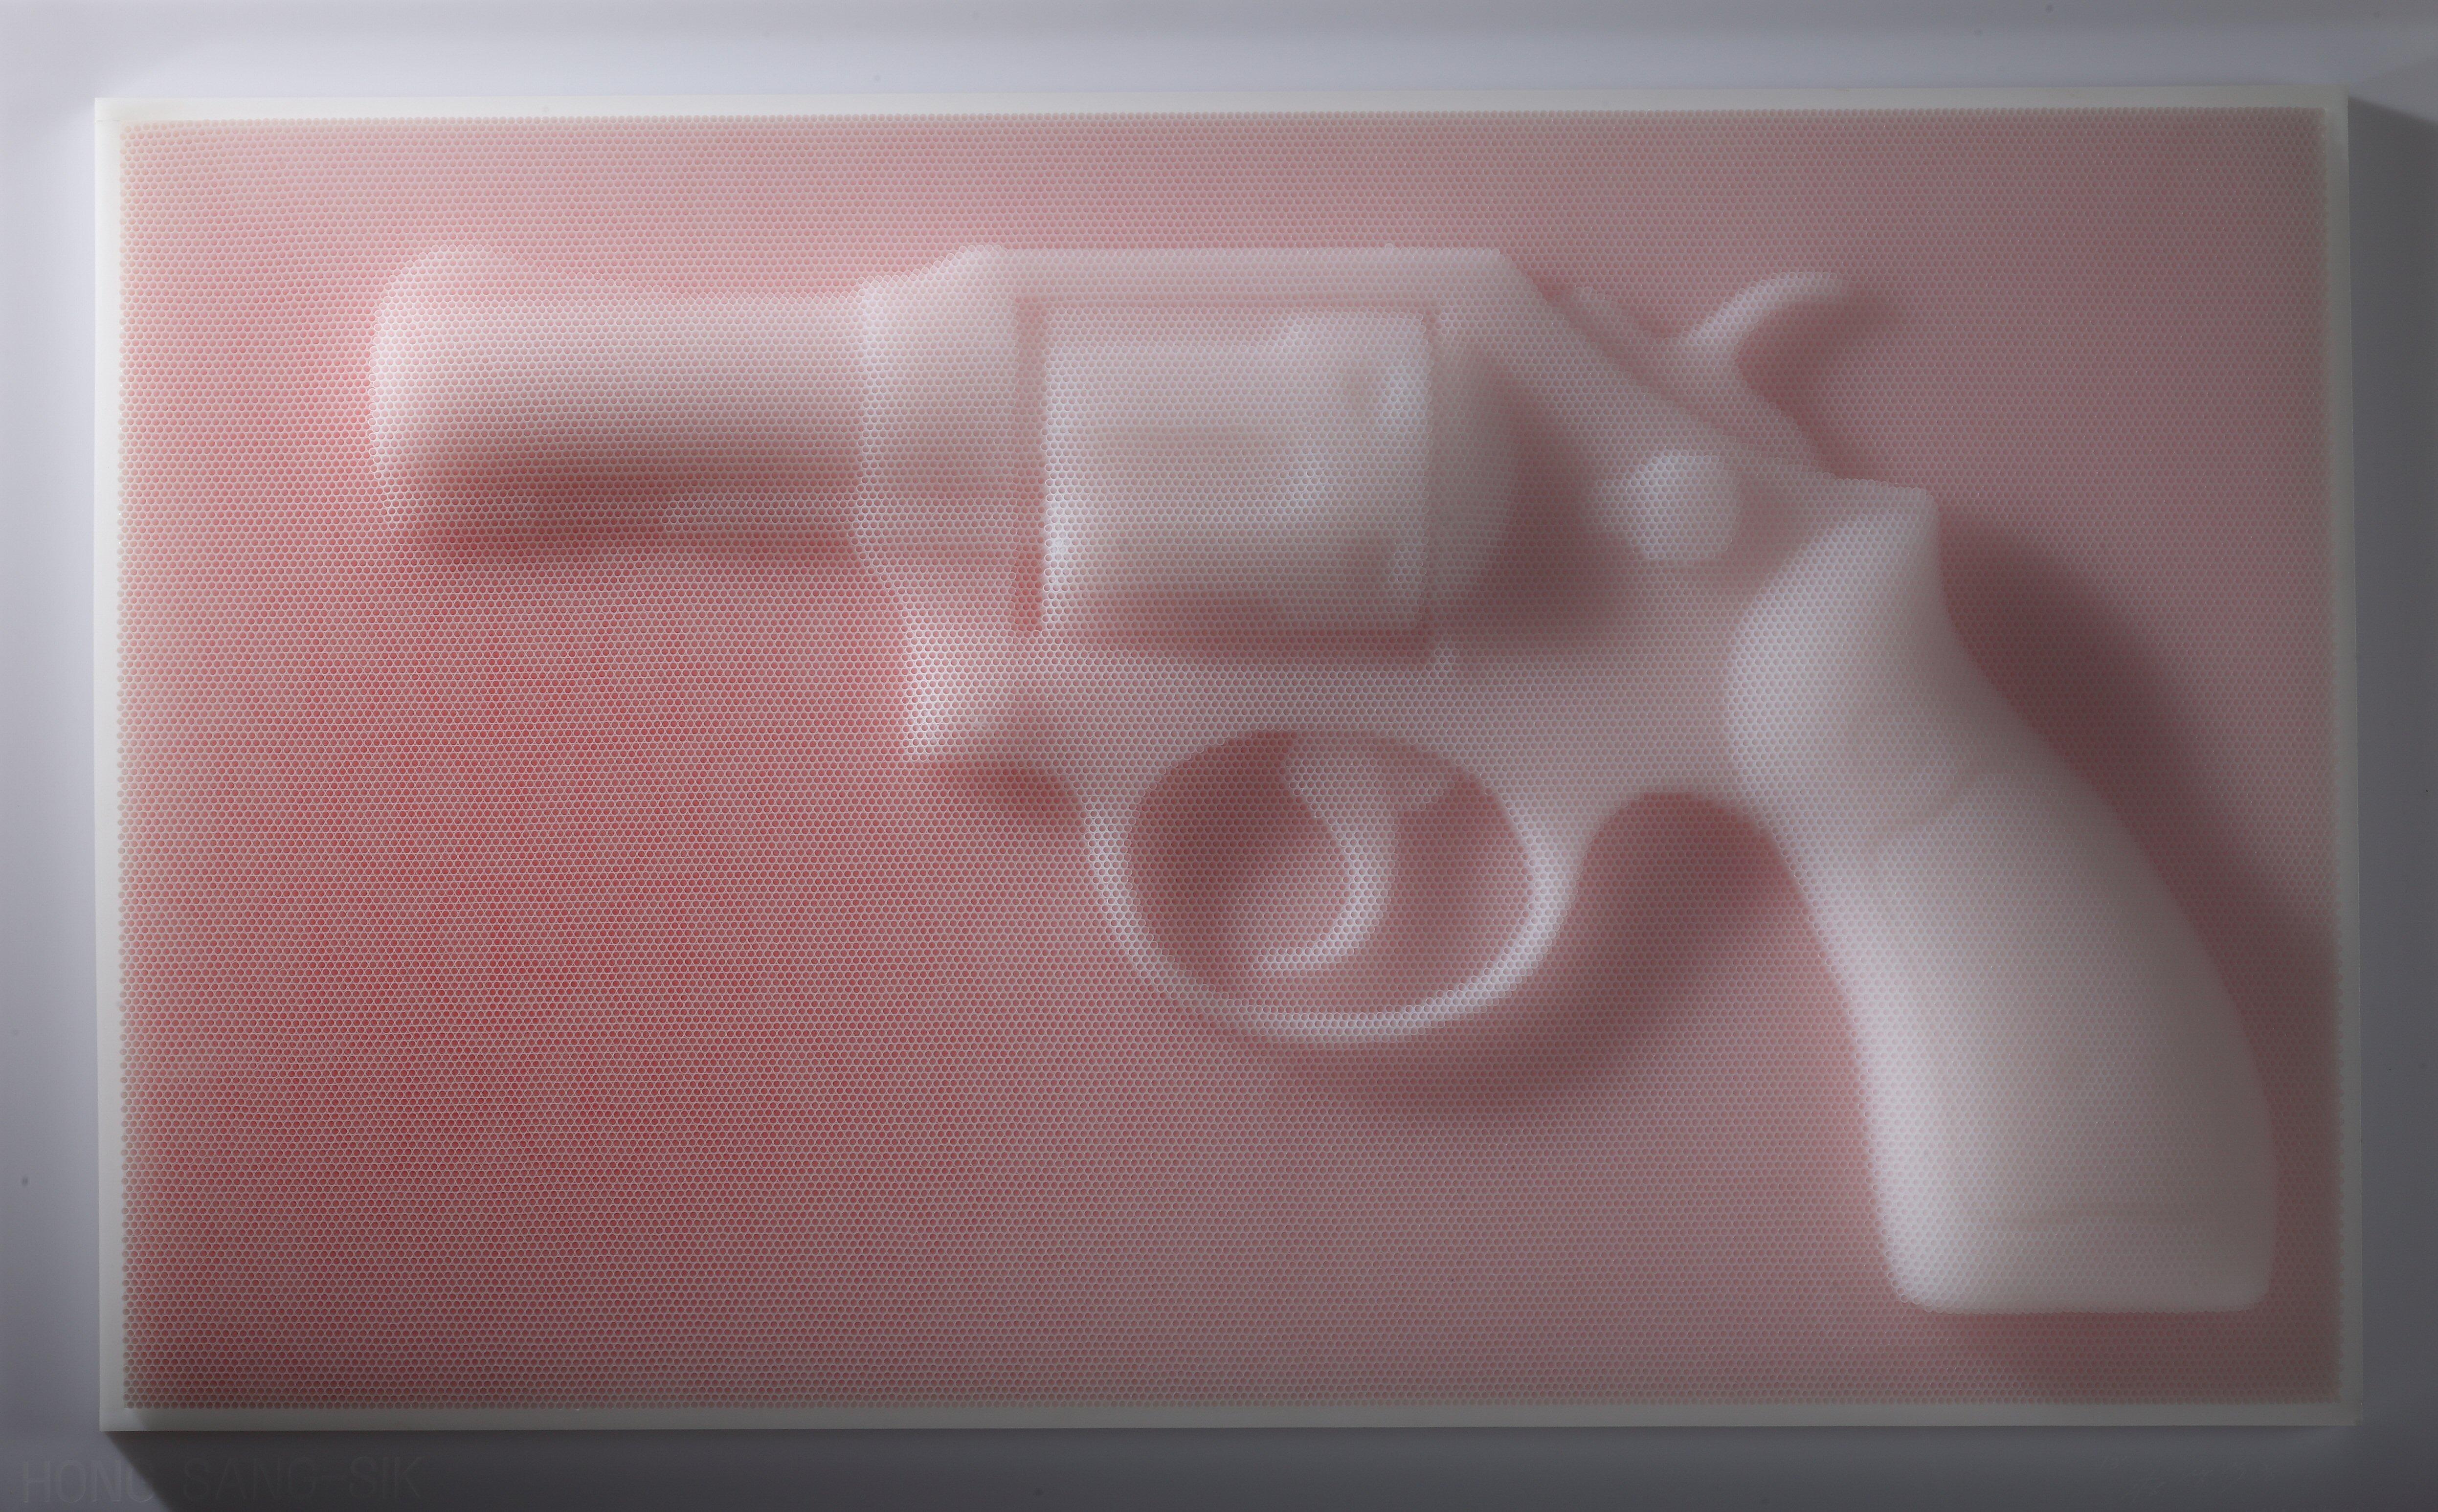 Gun_2013_Straw_93x55x12cm